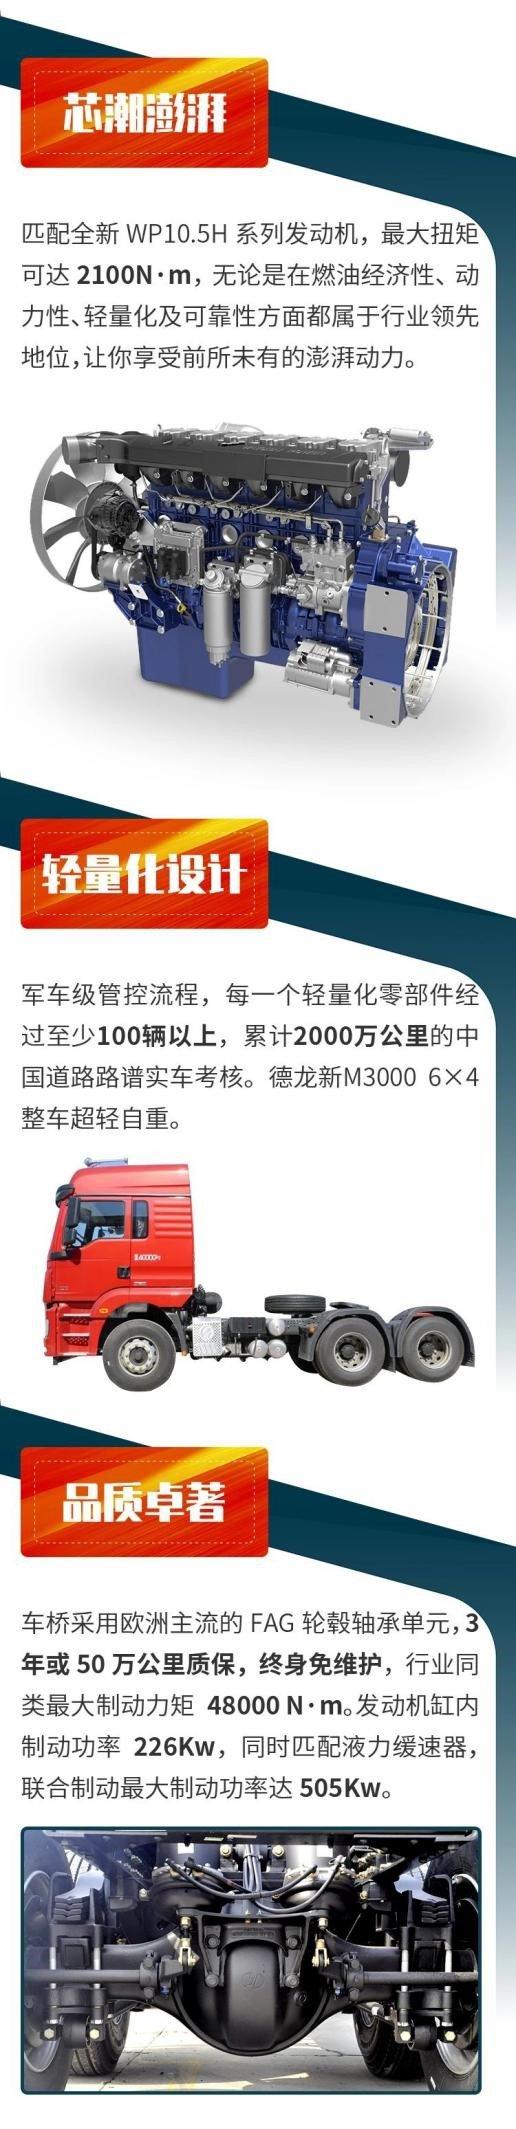 德龙新M30006×4牵引车煤炭运输界的实力派